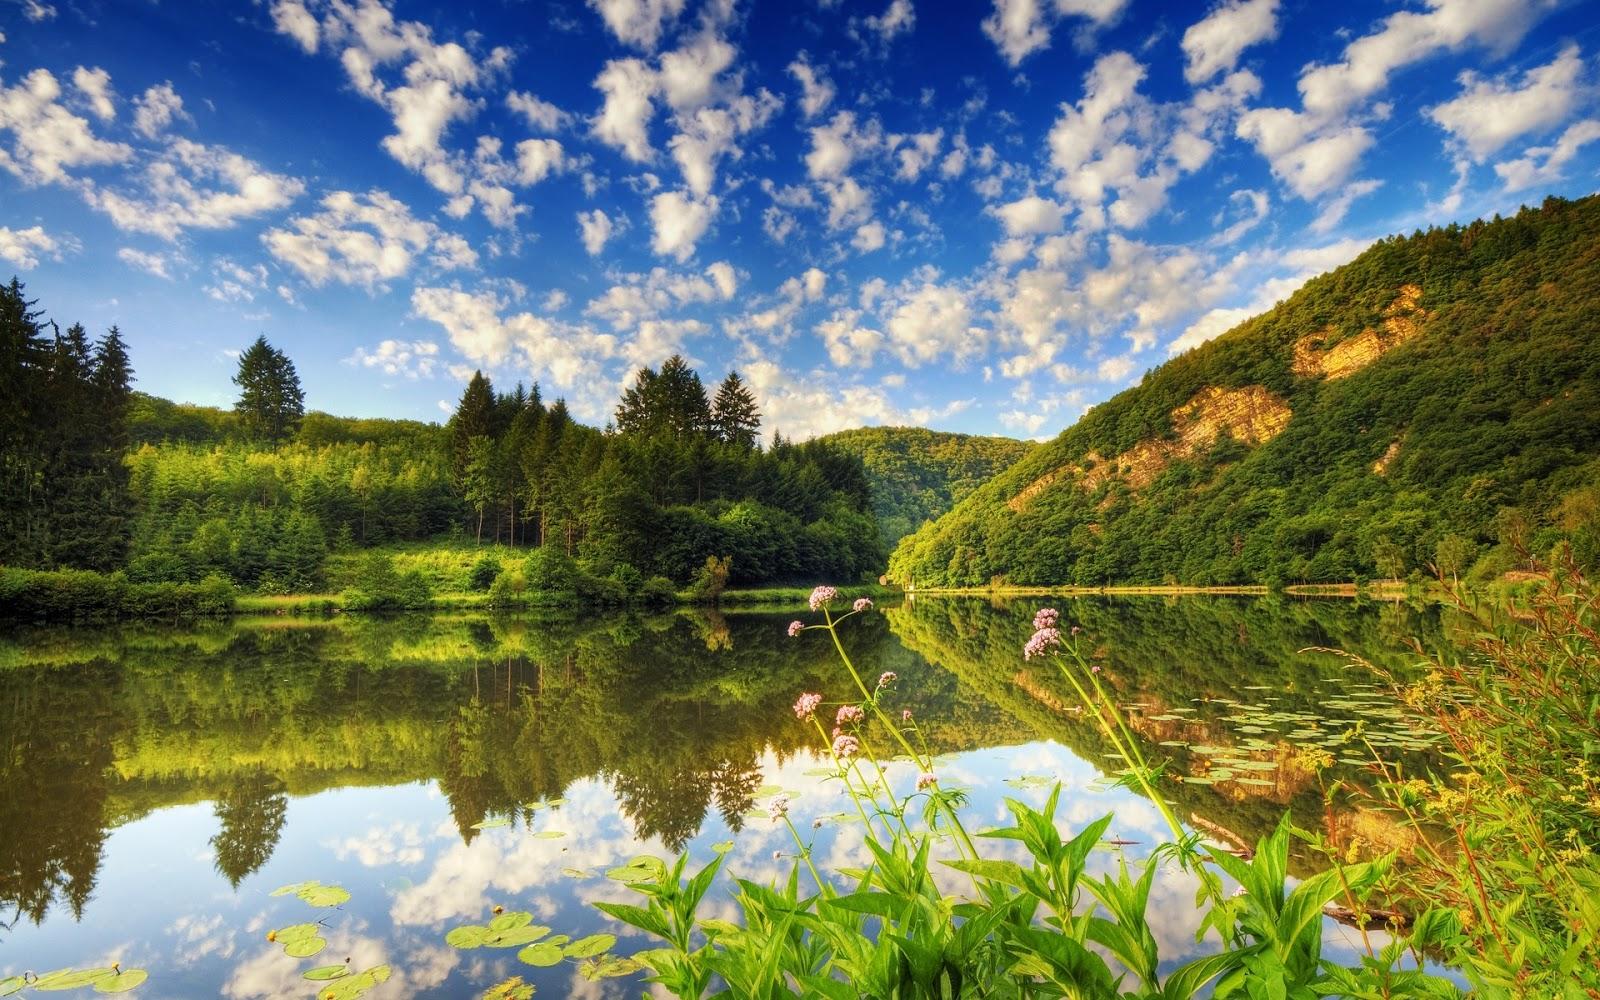 http://2.bp.blogspot.com/-bz1vm0koj2w/UdR_0hklMOI/AAAAAAAAAJI/S_083t5rcc0/s1600/paisaje+natural.jpg